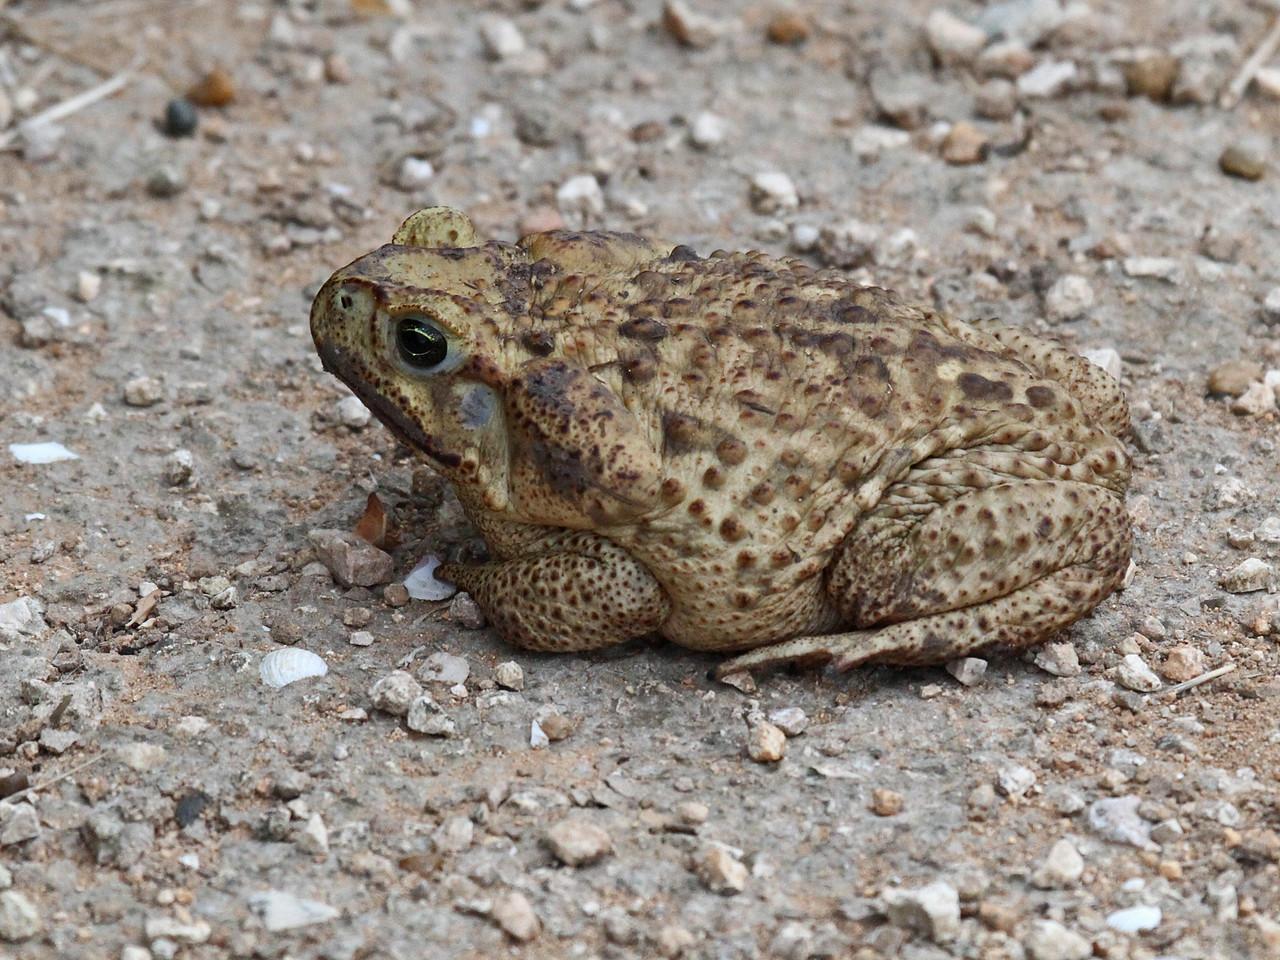 Cane Toad - Estero Llano Grande State Park, TX